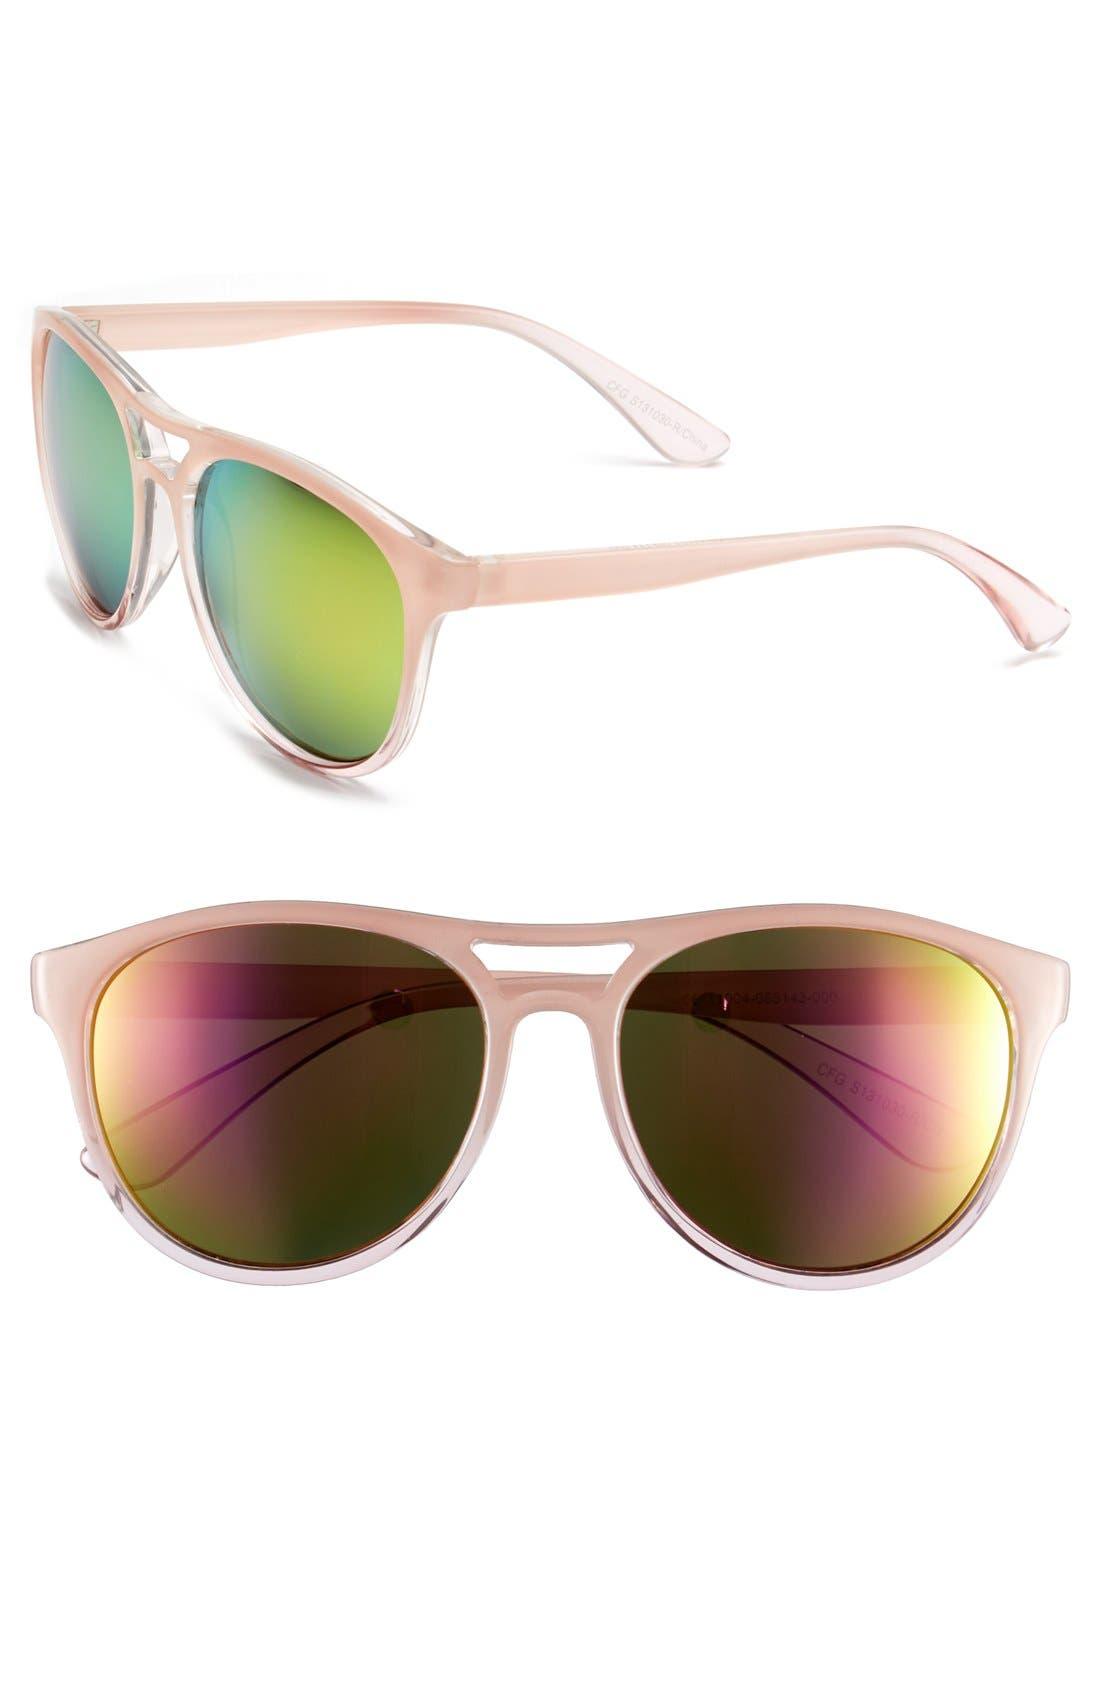 55mm Oversize Retro Sunglasses,                         Main,                         color, 650